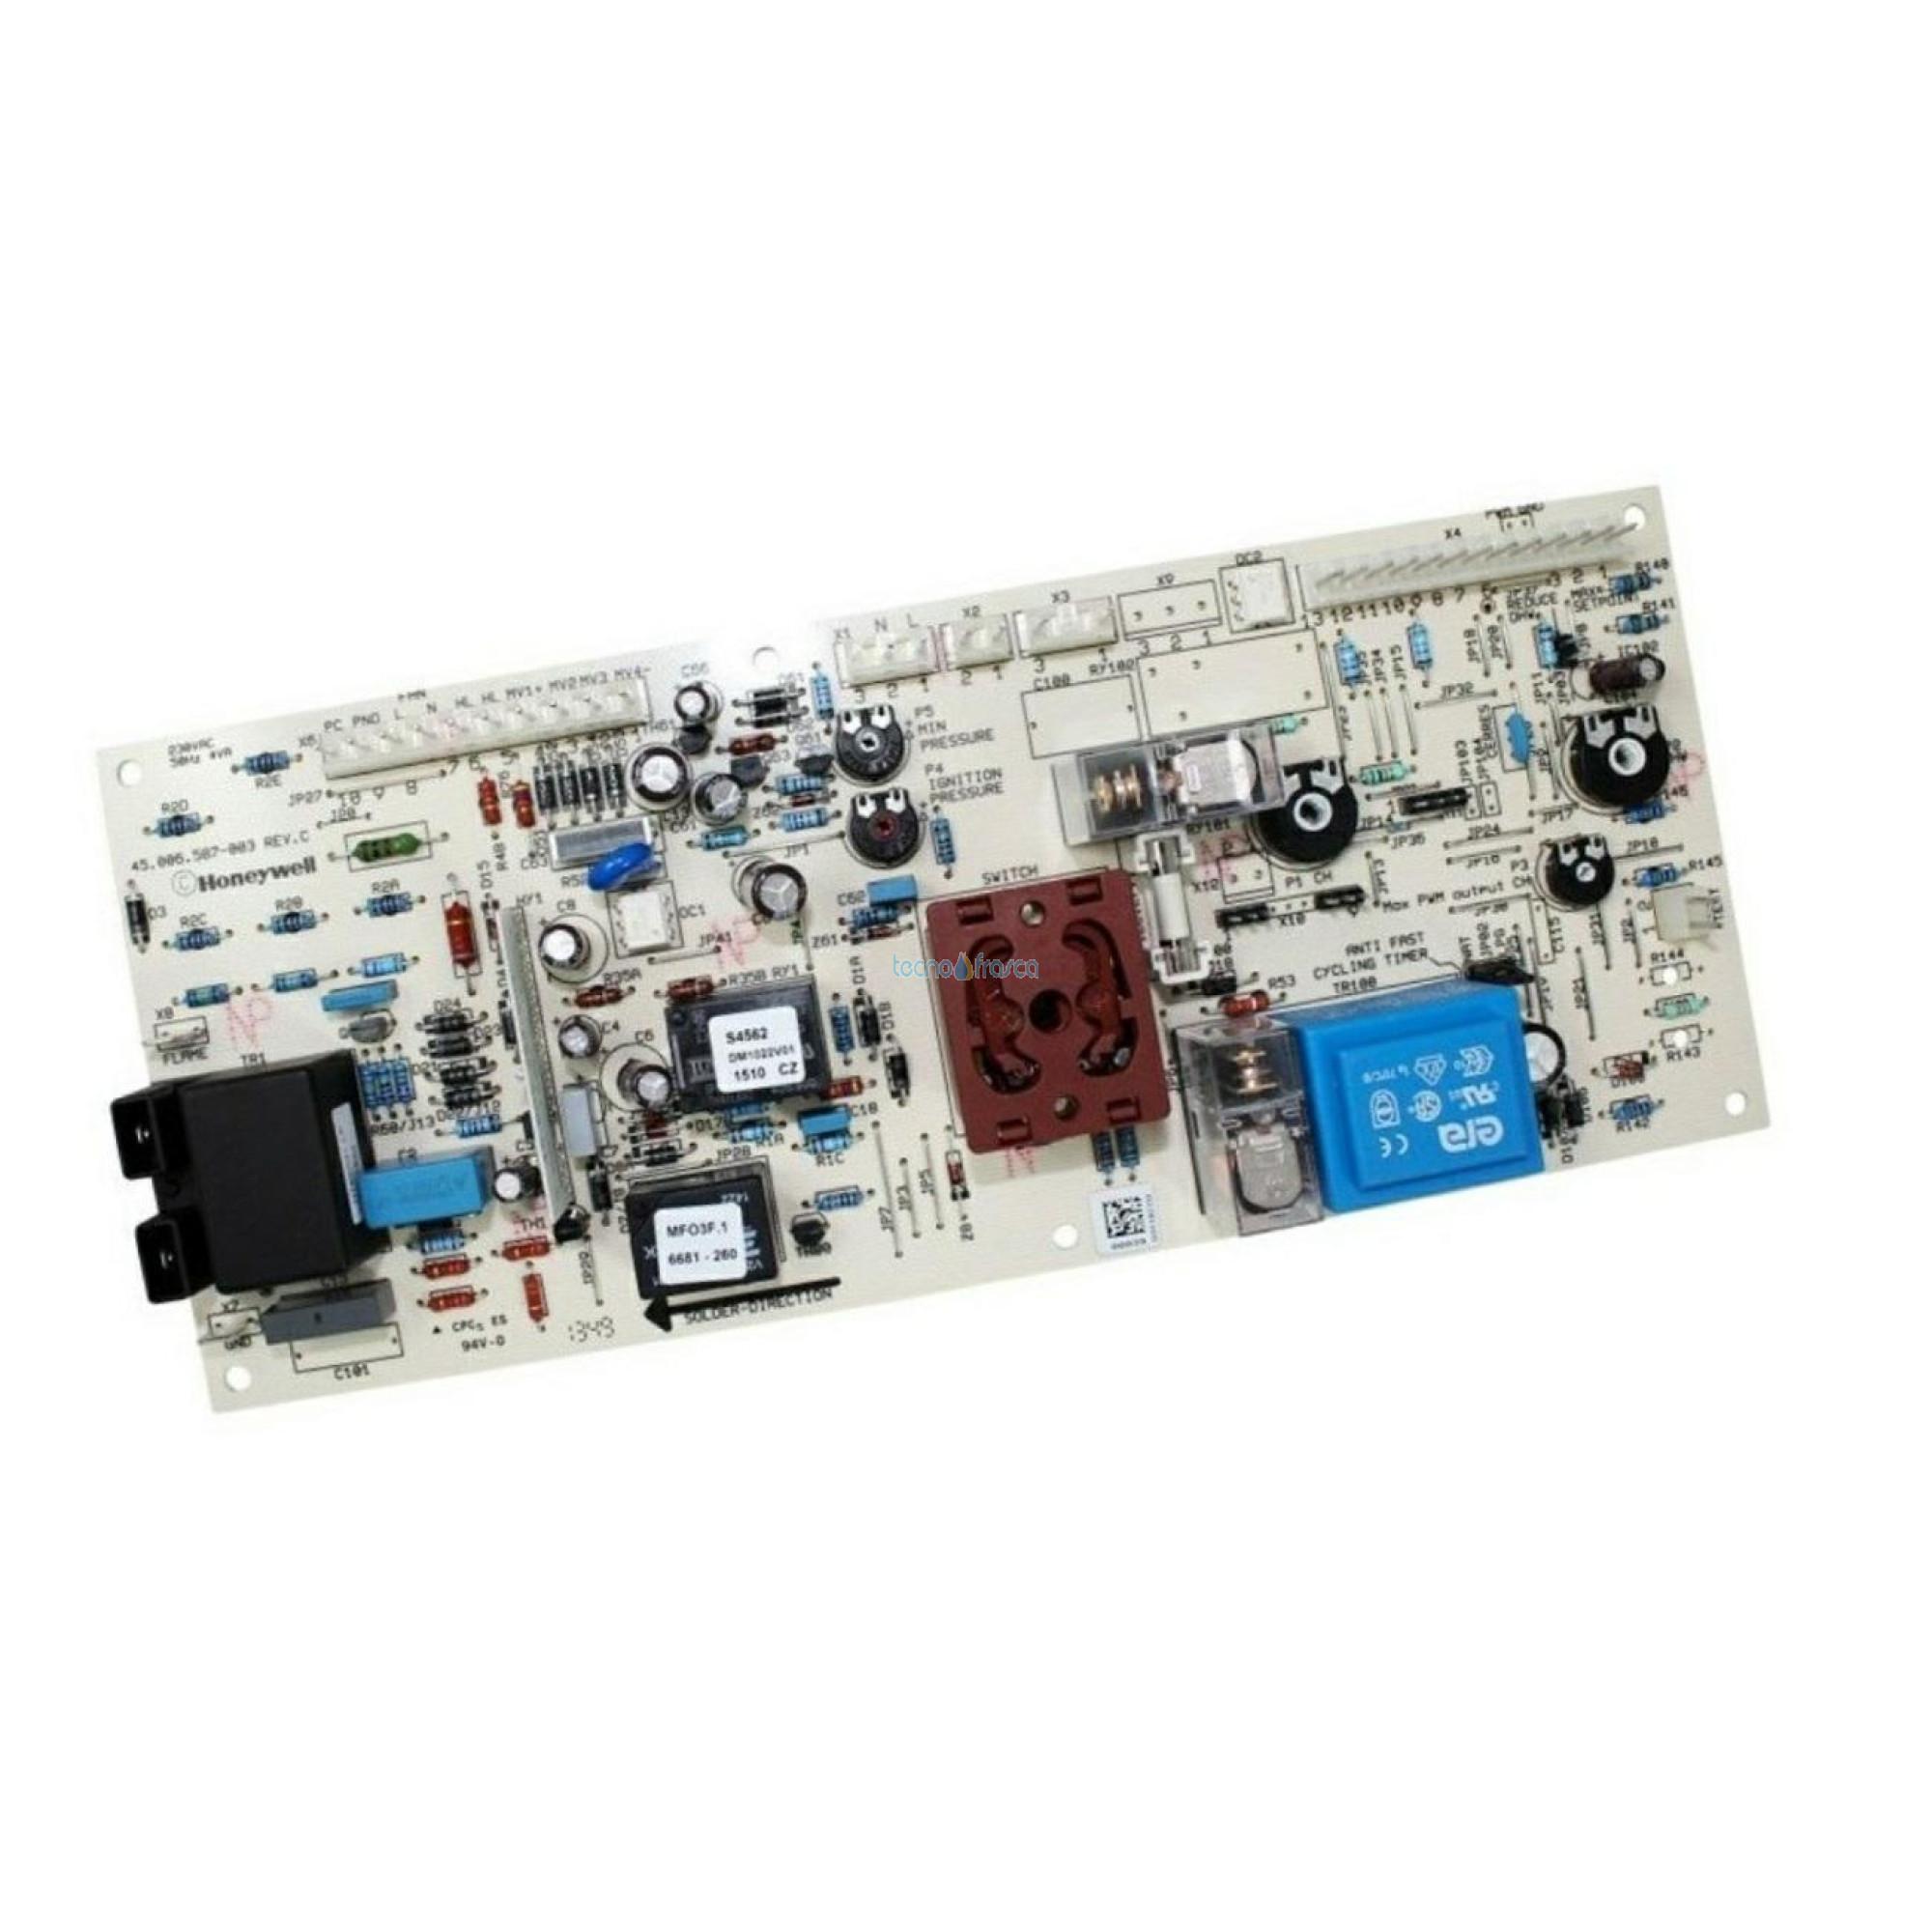 Ferroli scheda elettronica mf03f01 s4562dm1022v01 39807690